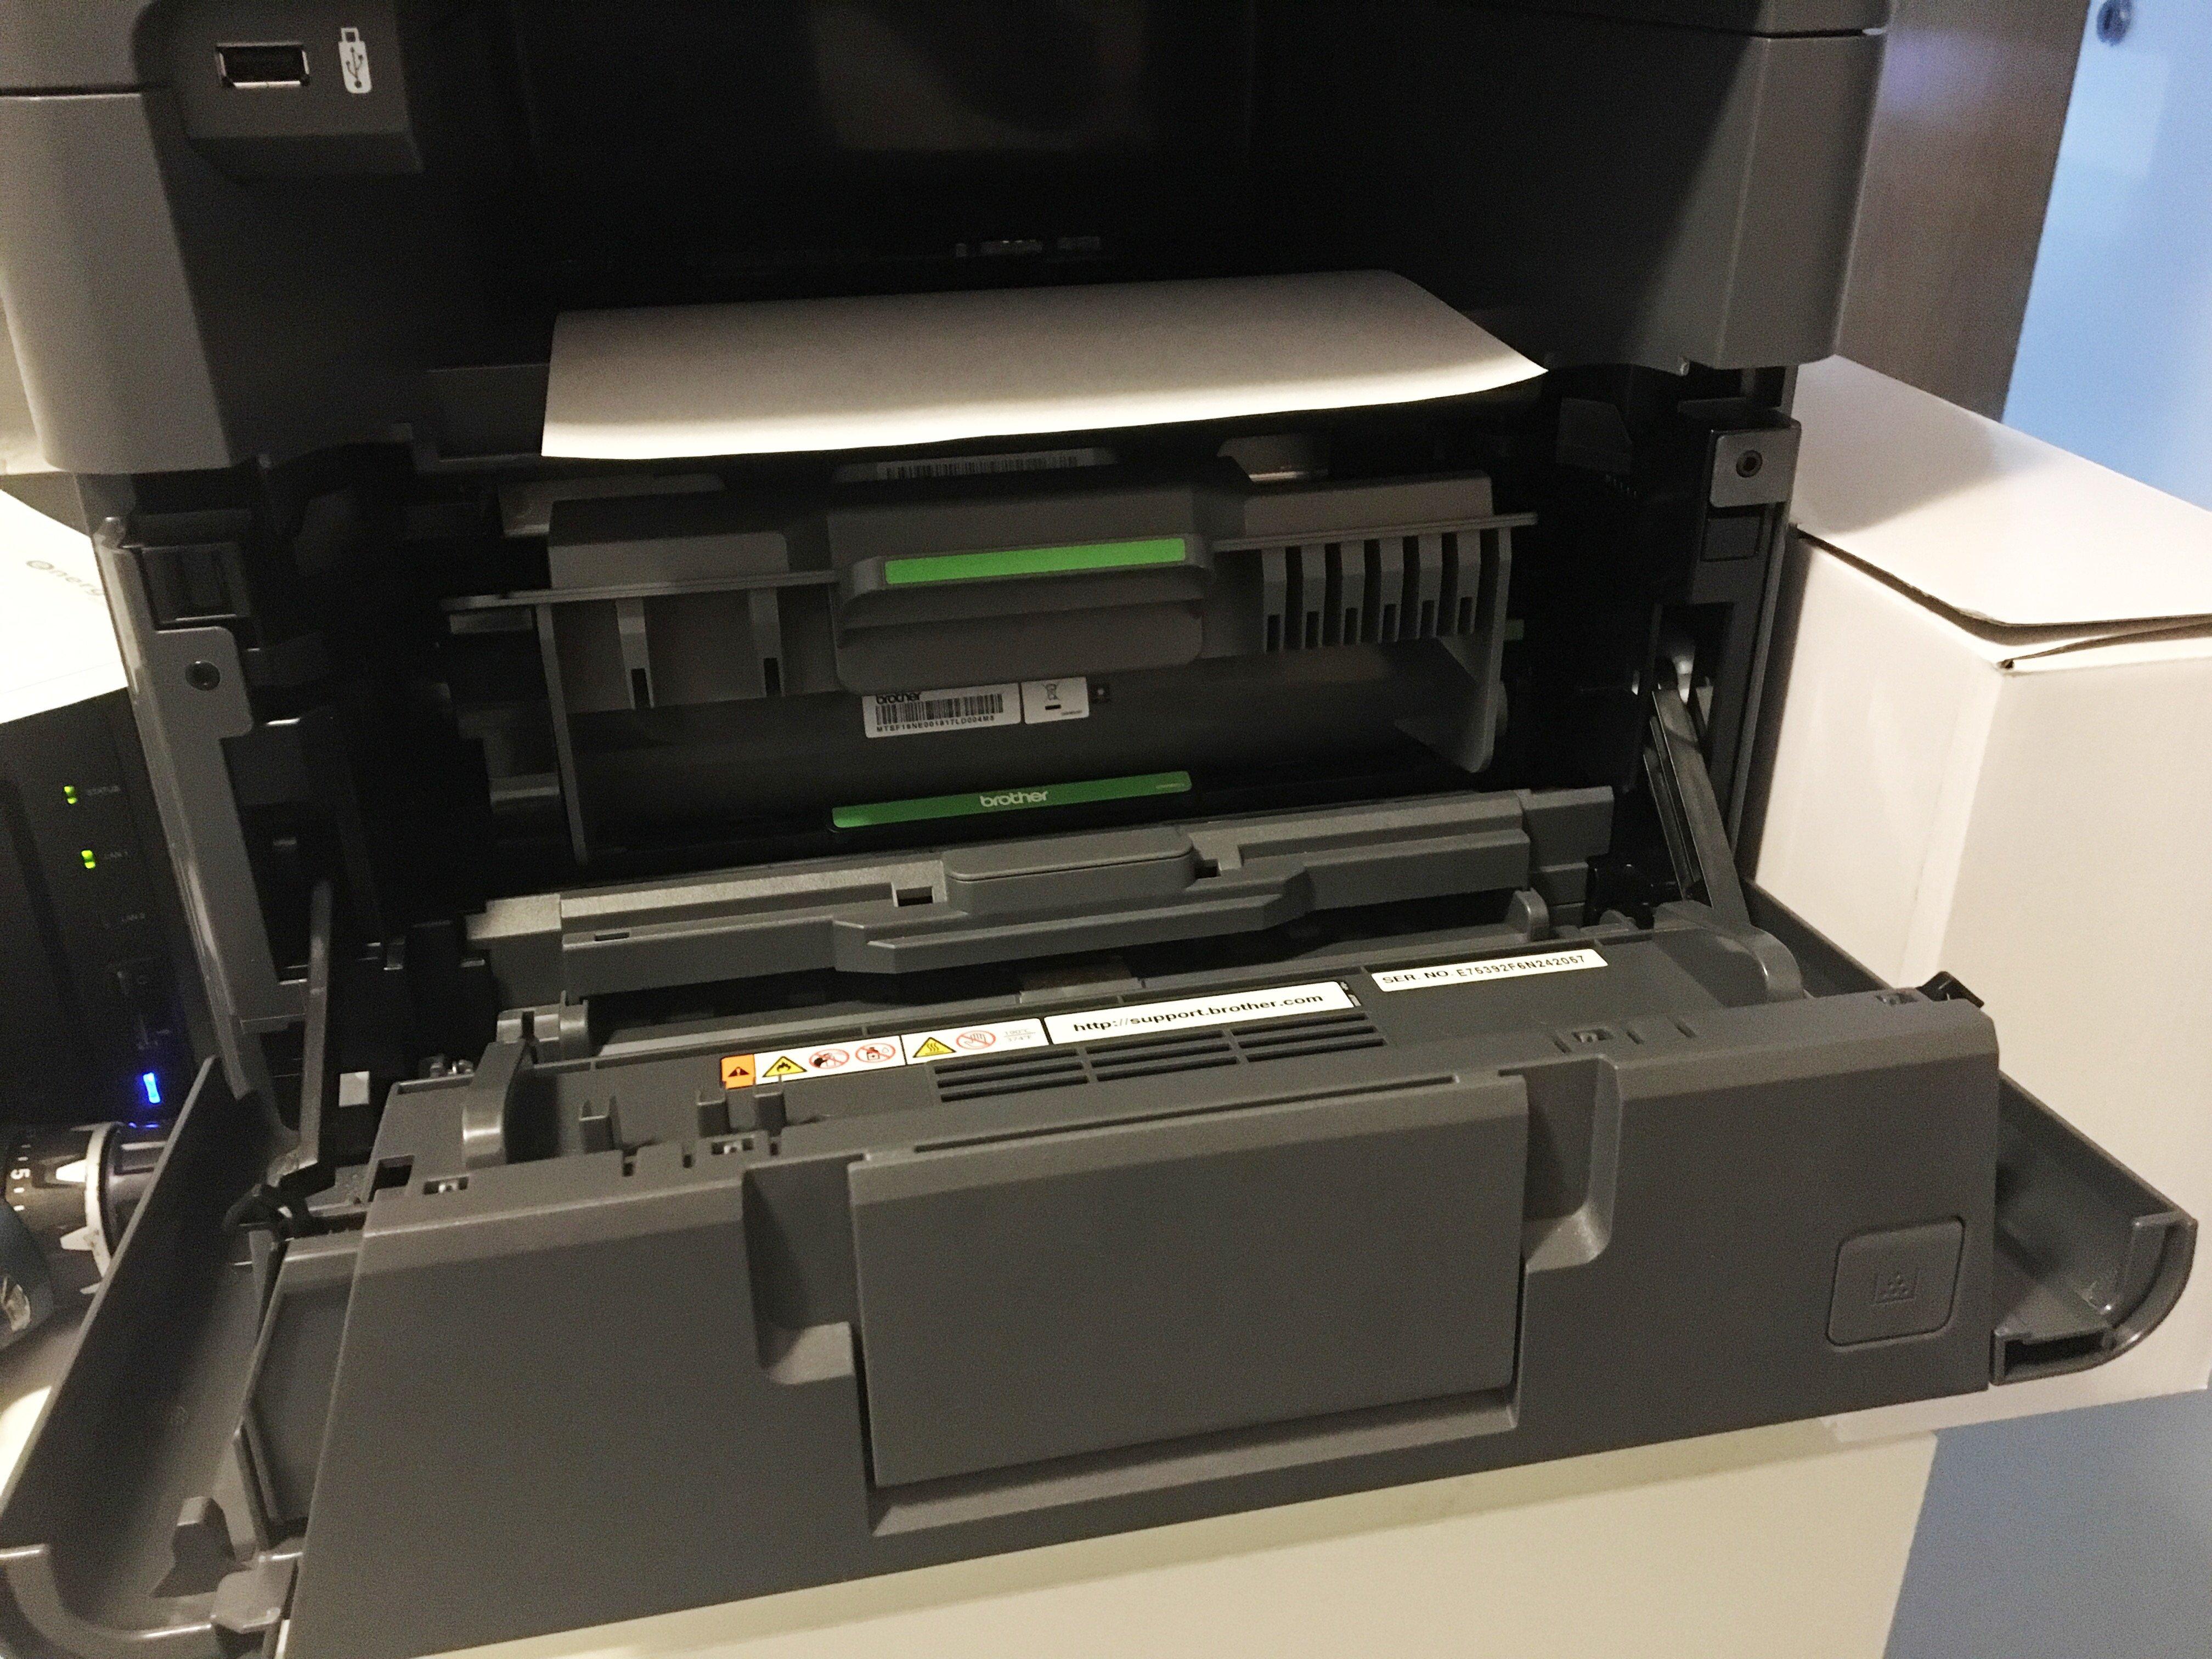 Foto 05.02.18 12 58 35 - Was ist wenn die Druckerpatrone leer ist?